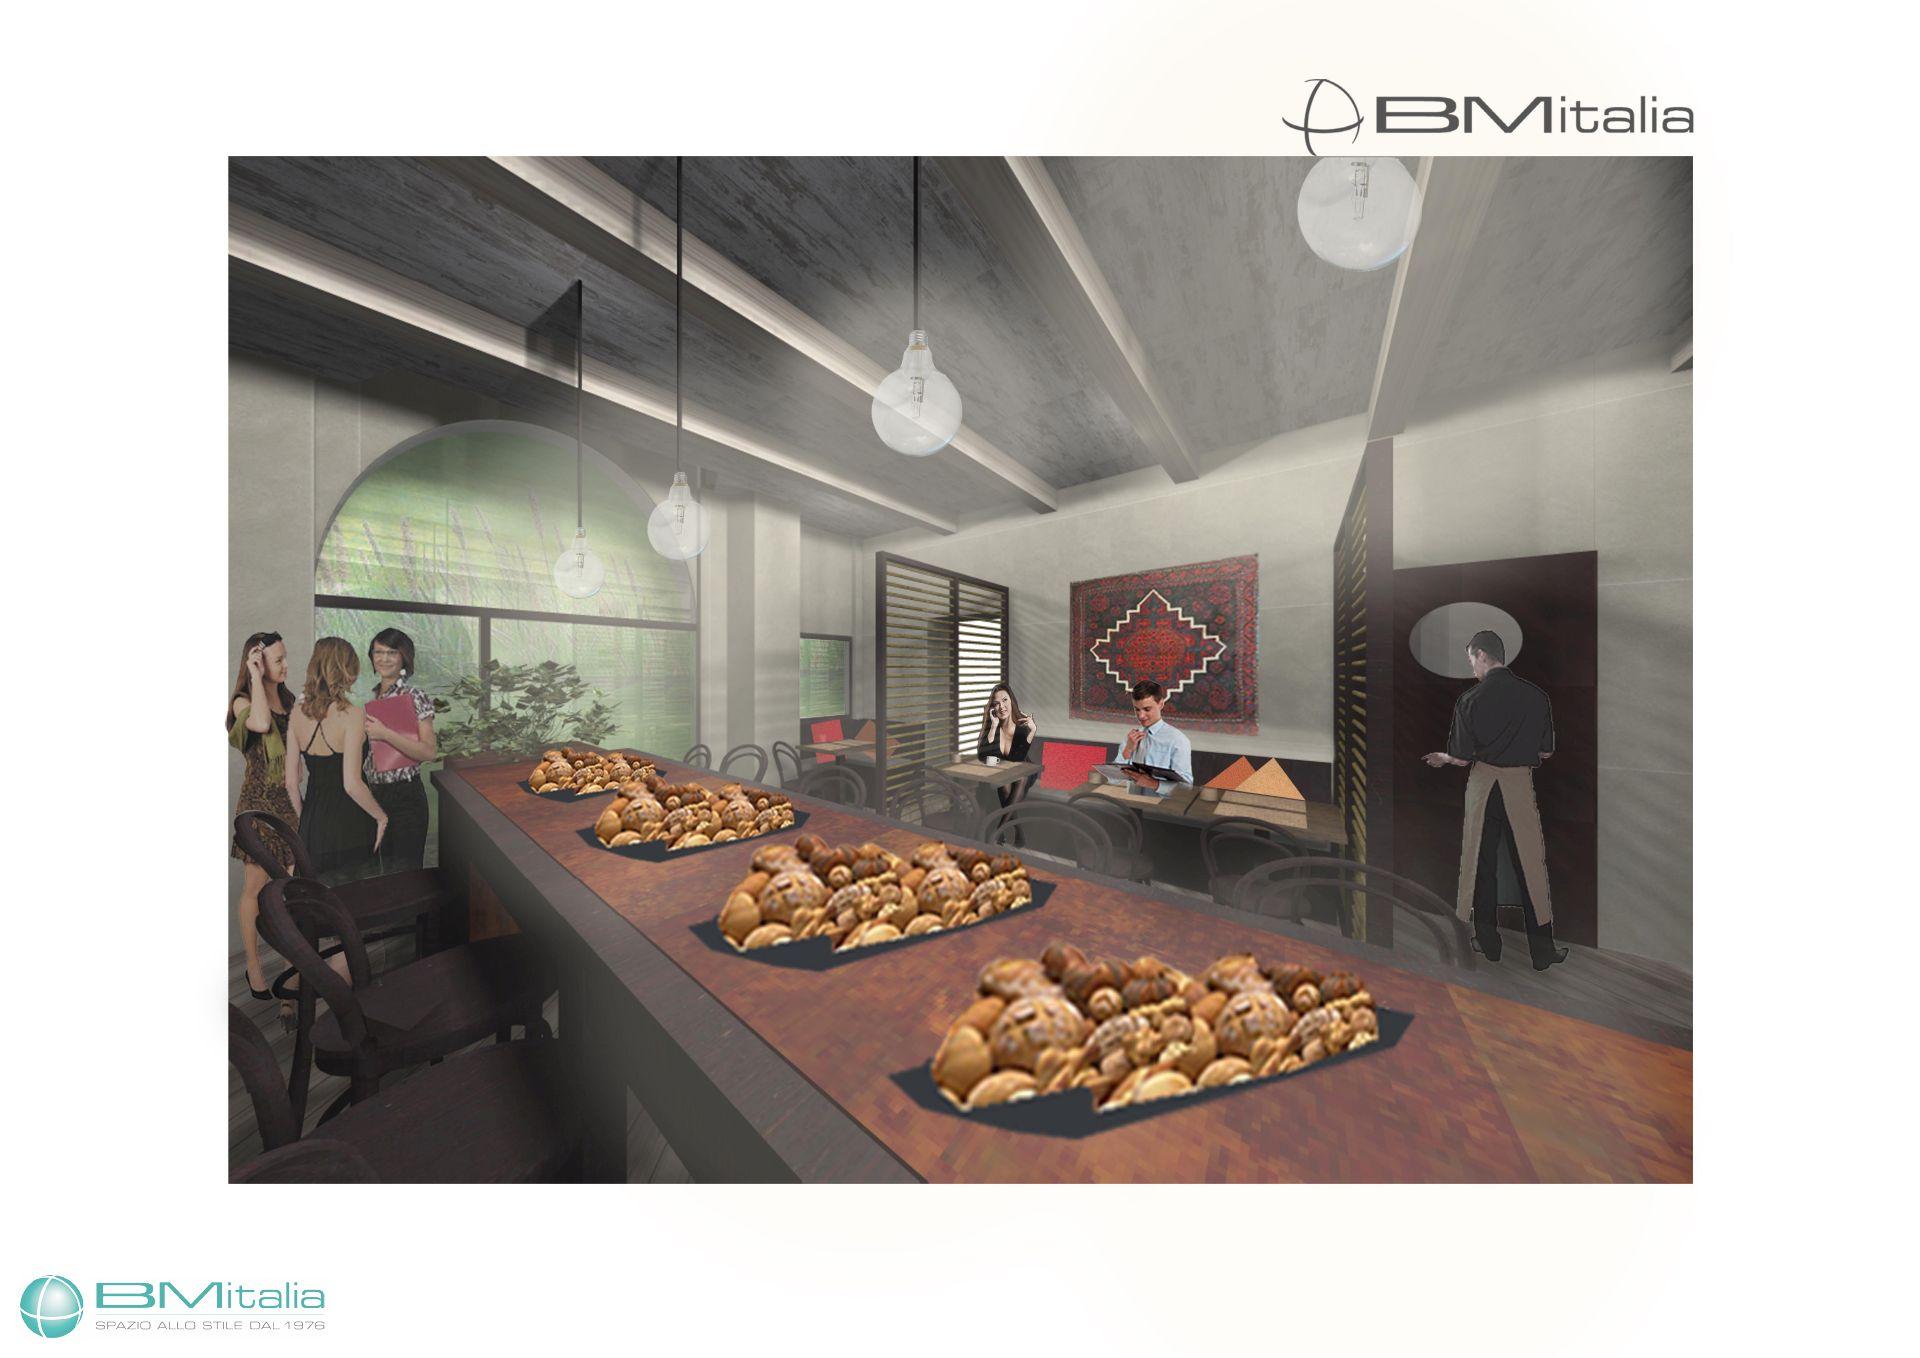 m bel f r restaurants bar newformat vertrag bmitalia. Black Bedroom Furniture Sets. Home Design Ideas